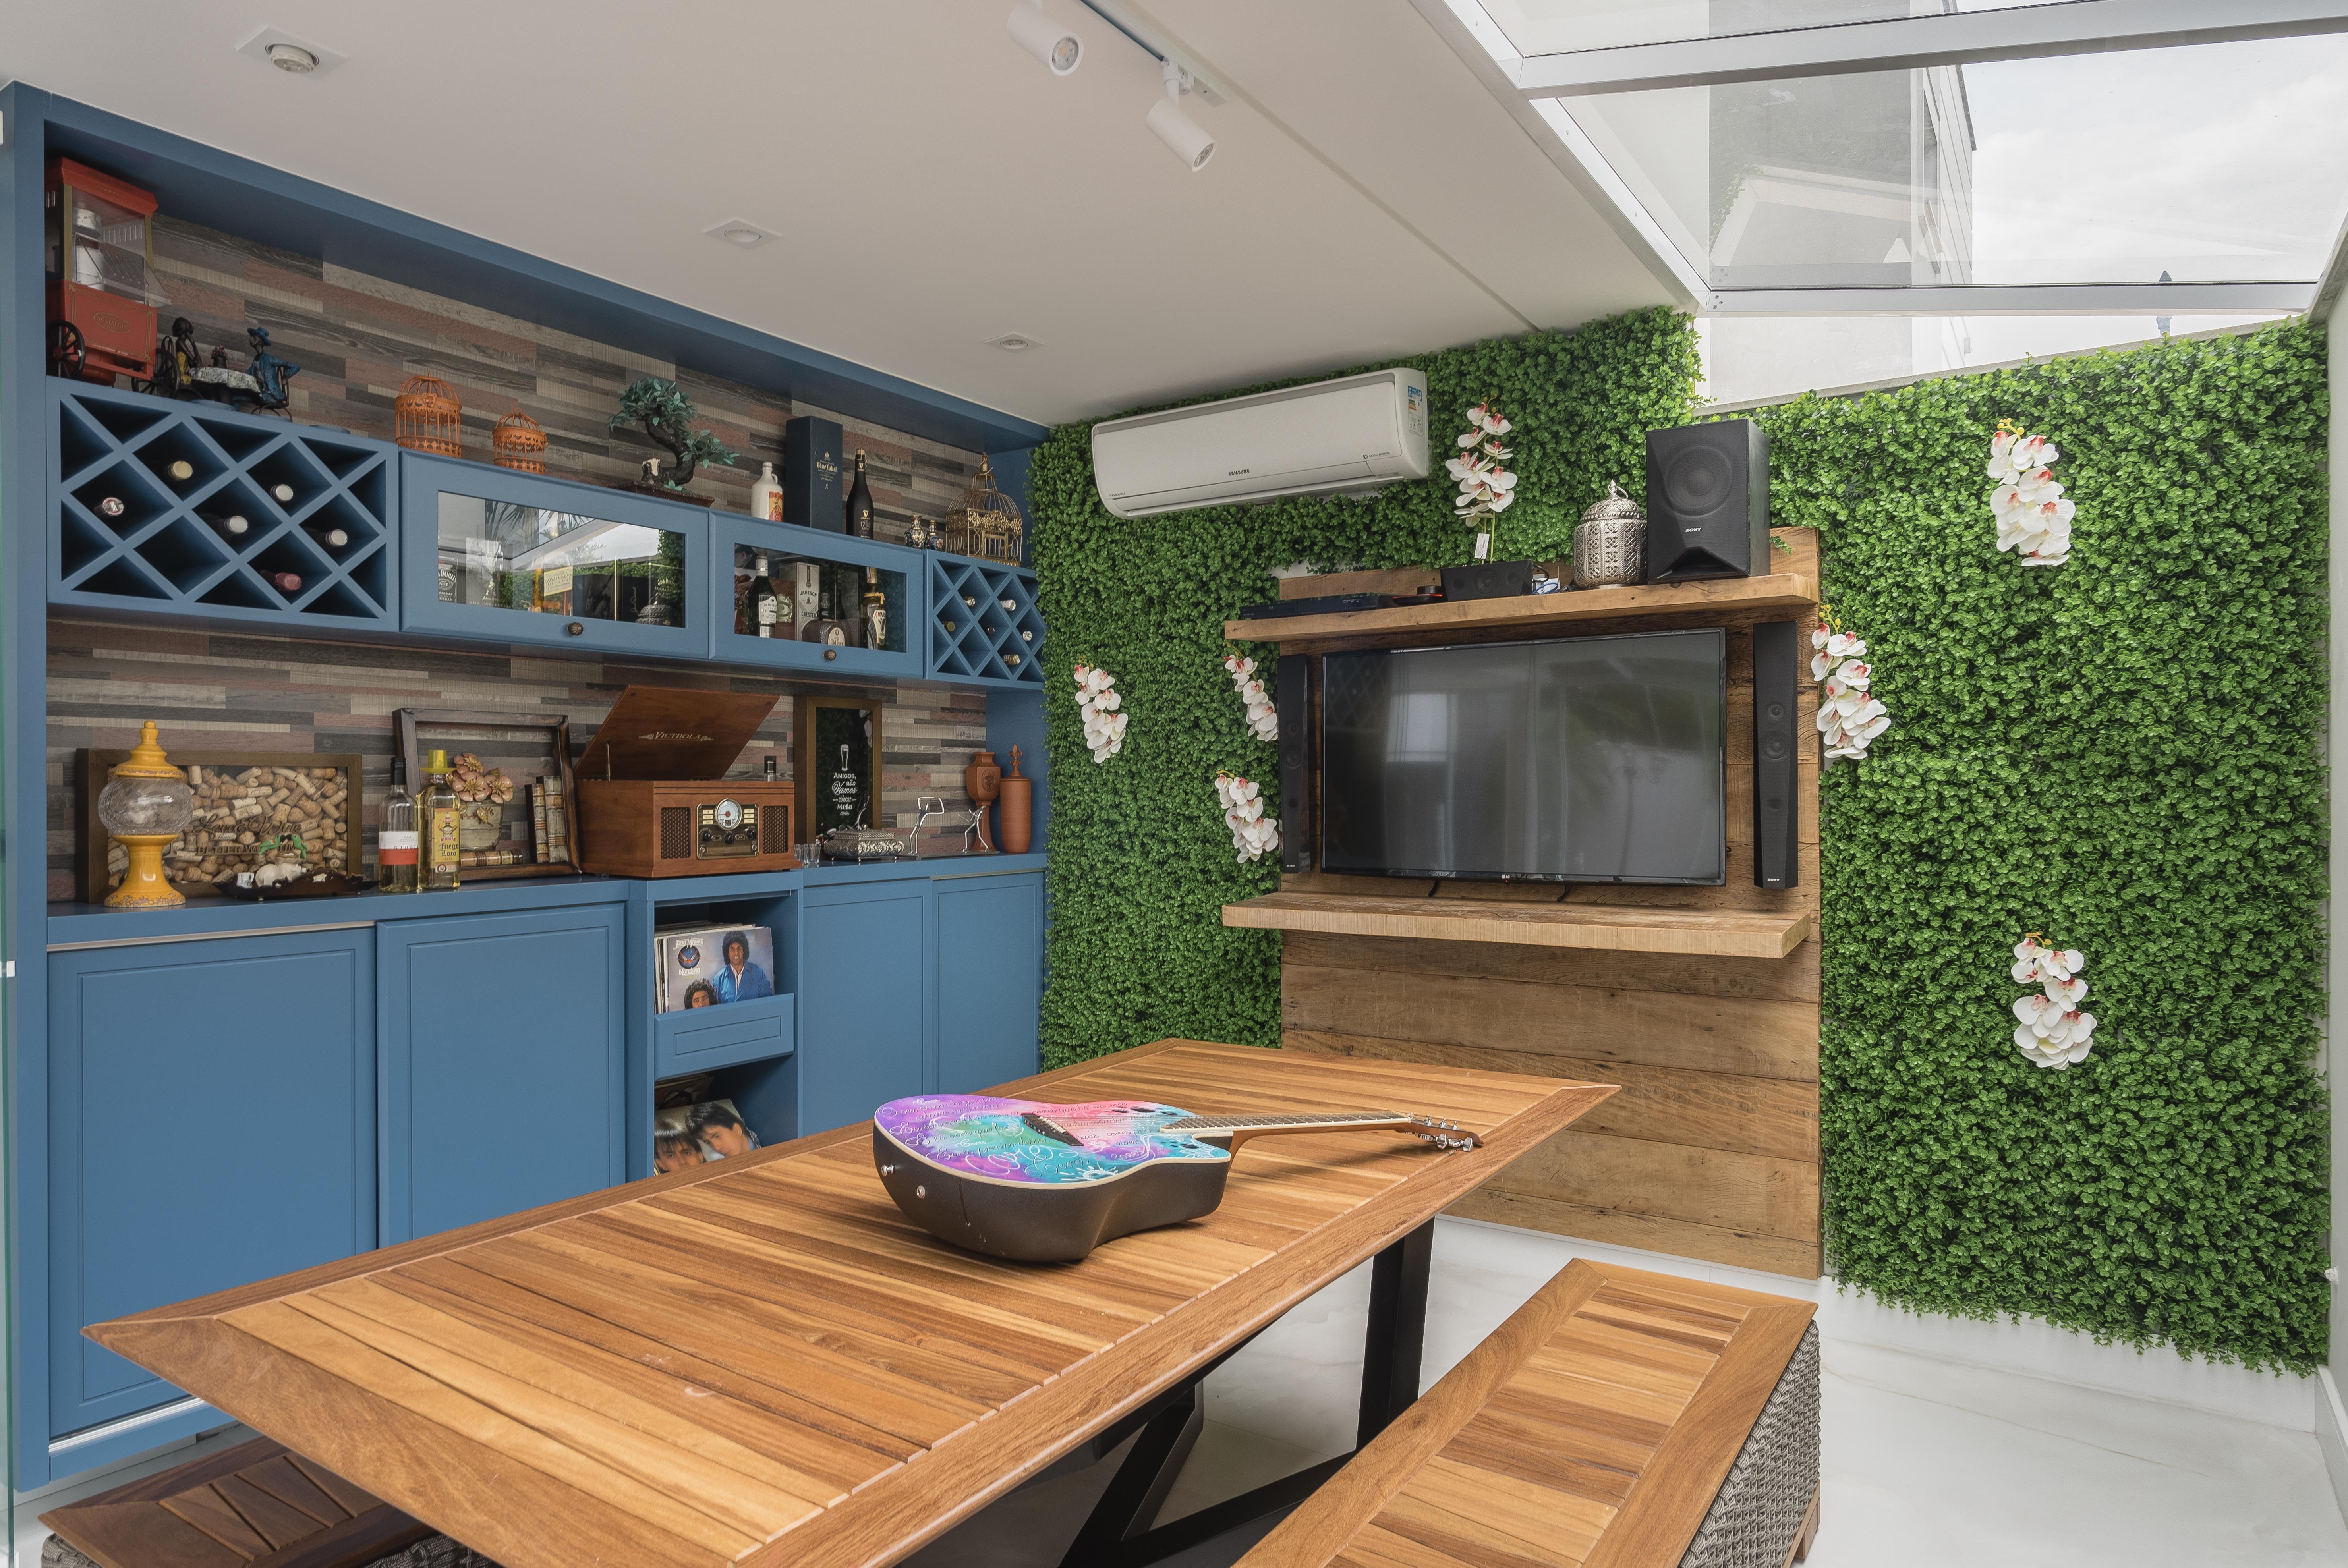 Móvel azul, parede com grama sintética e mesa de madeira aparecem na foto. Em cima da mesa, uma guitarra colorida.